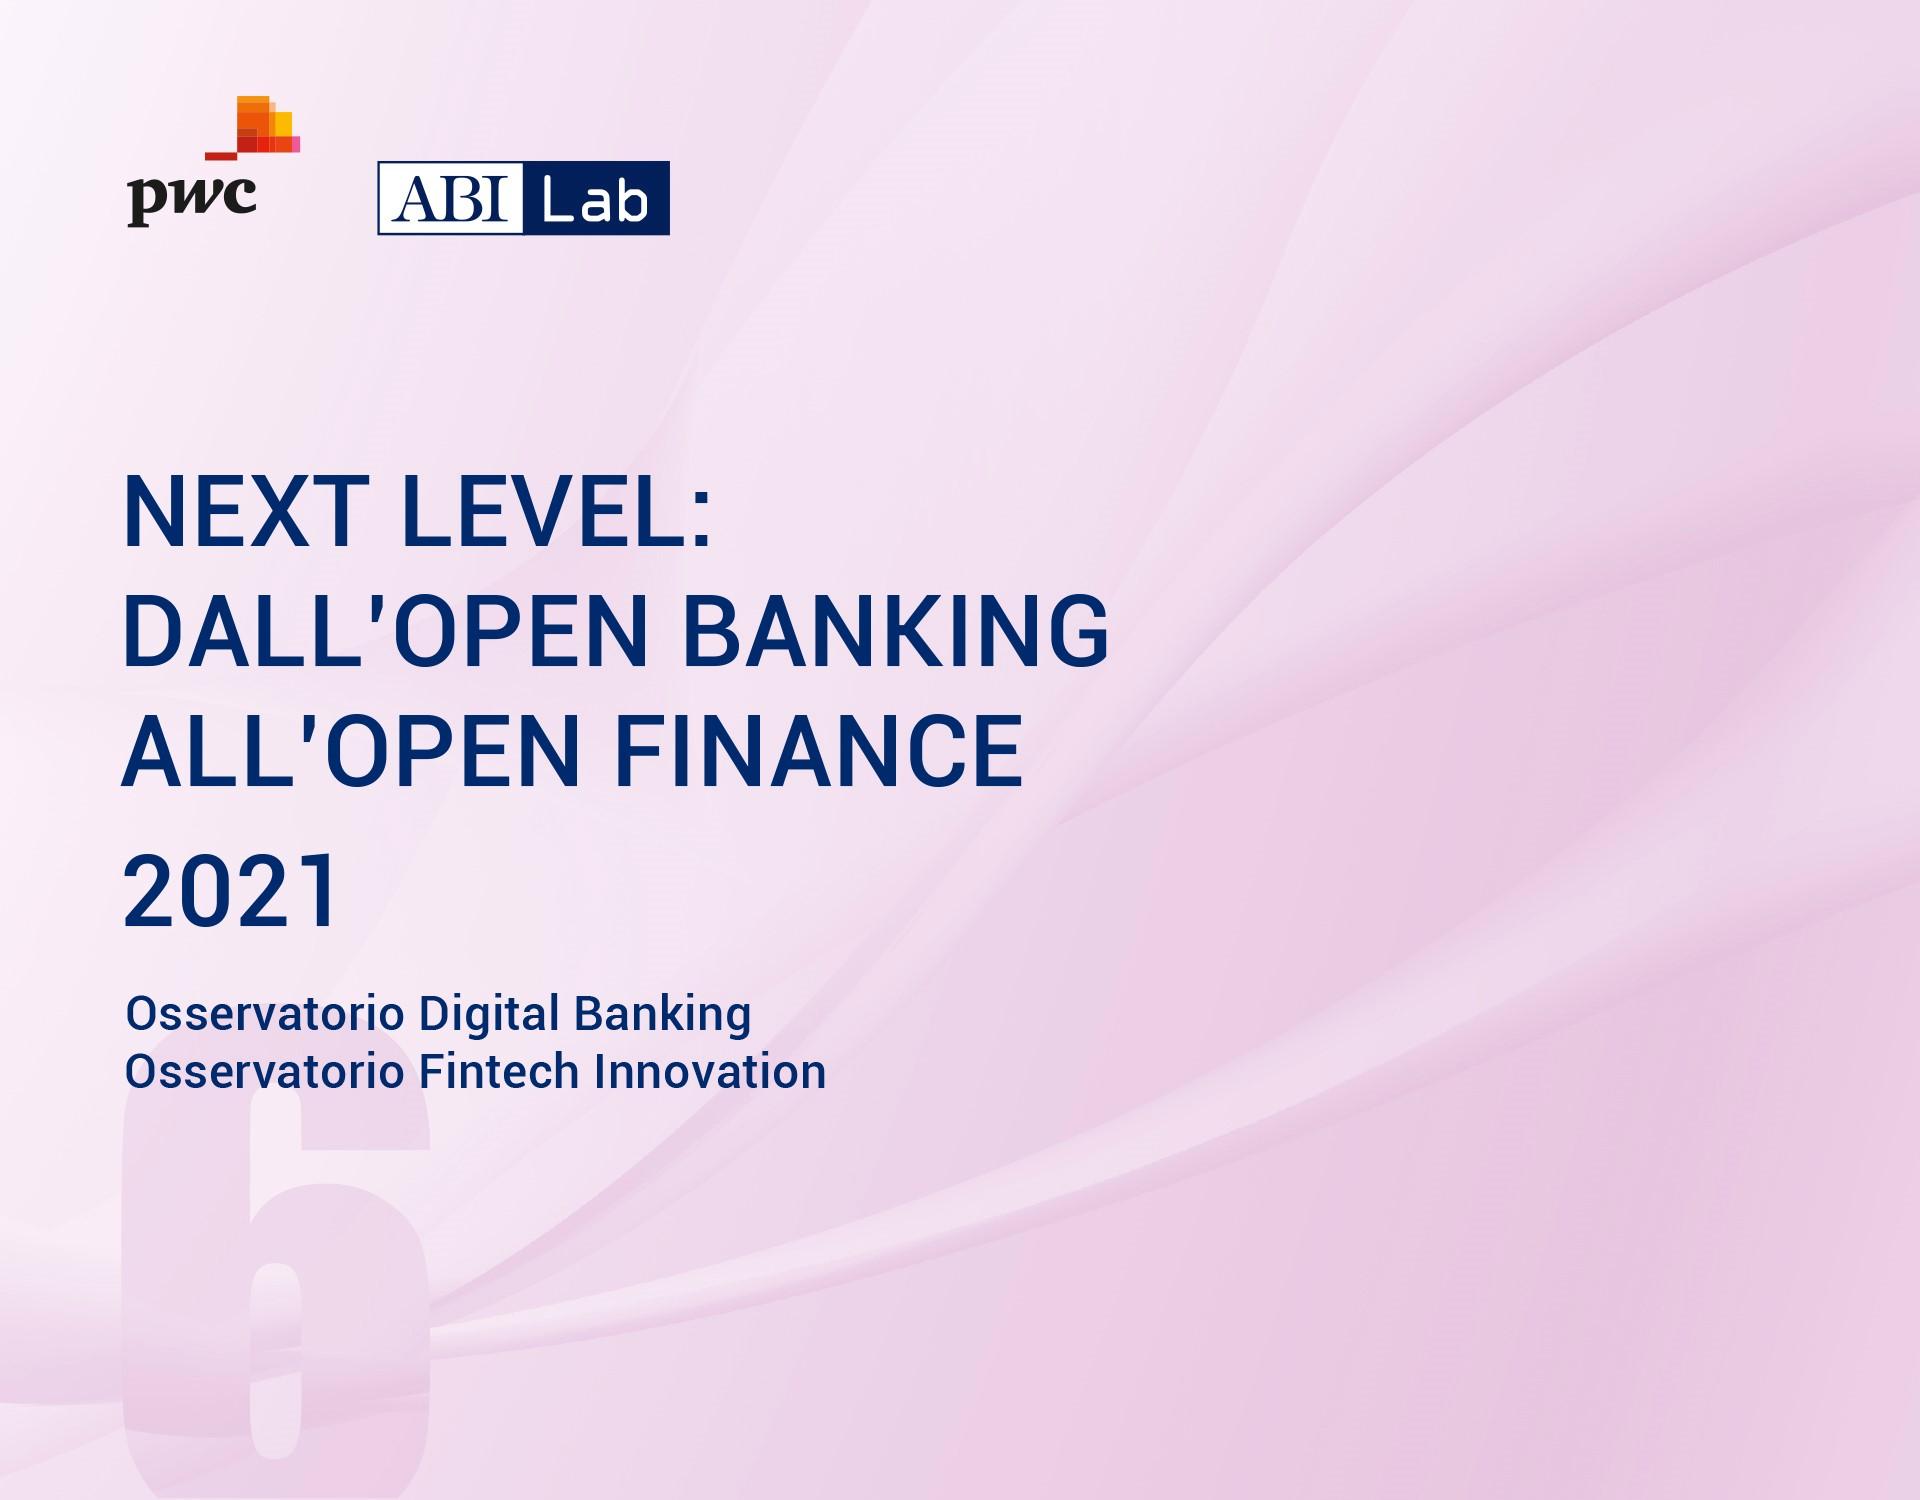 Rapporto ABI Lab PwC 2021 - Dall'Open Banking all'Open Finance